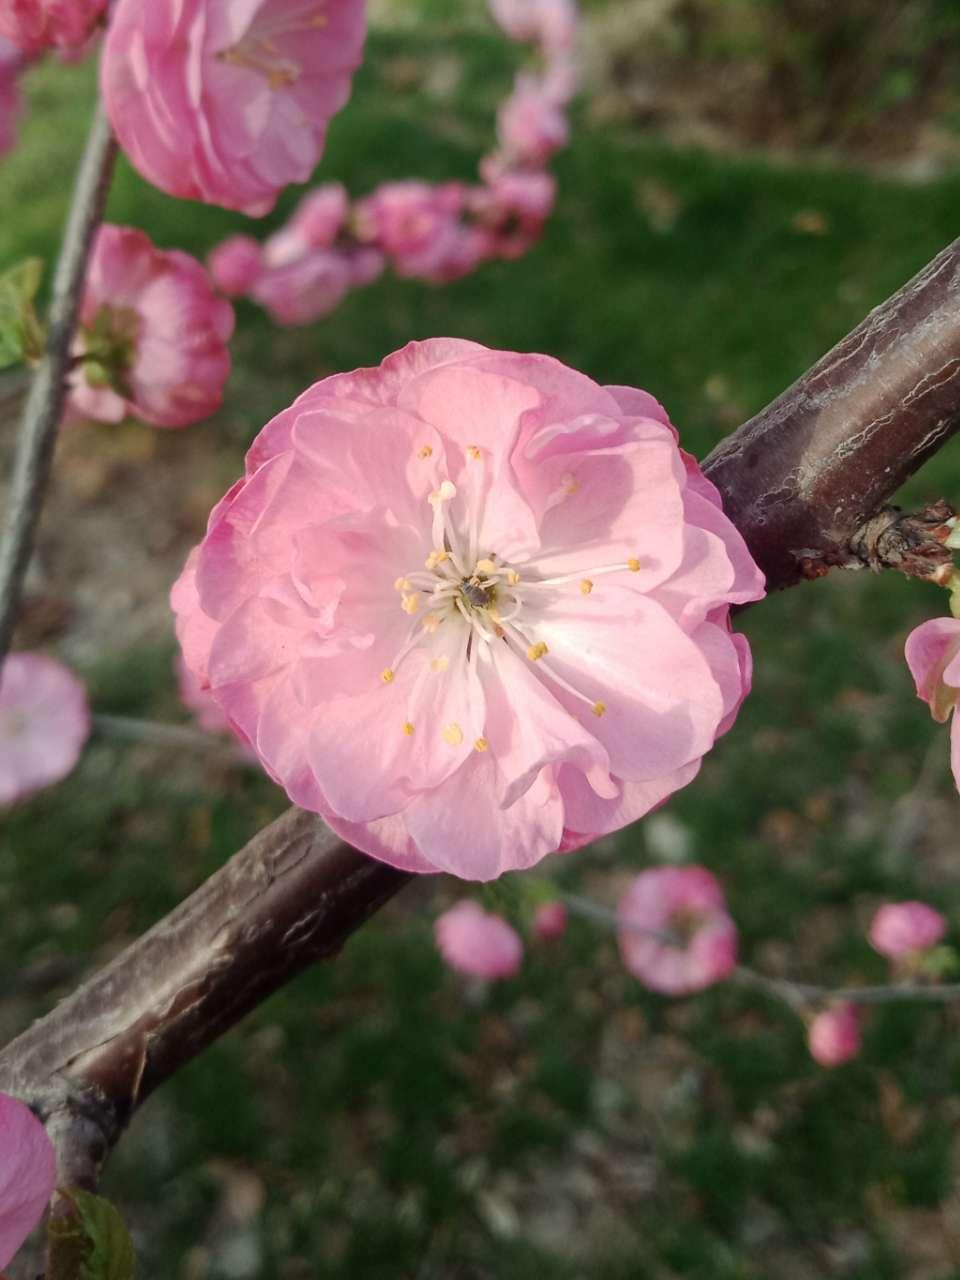 暗背景纯背景,亮花,占据画面突出位置,清晰,拍花的秘诀-8.jpg